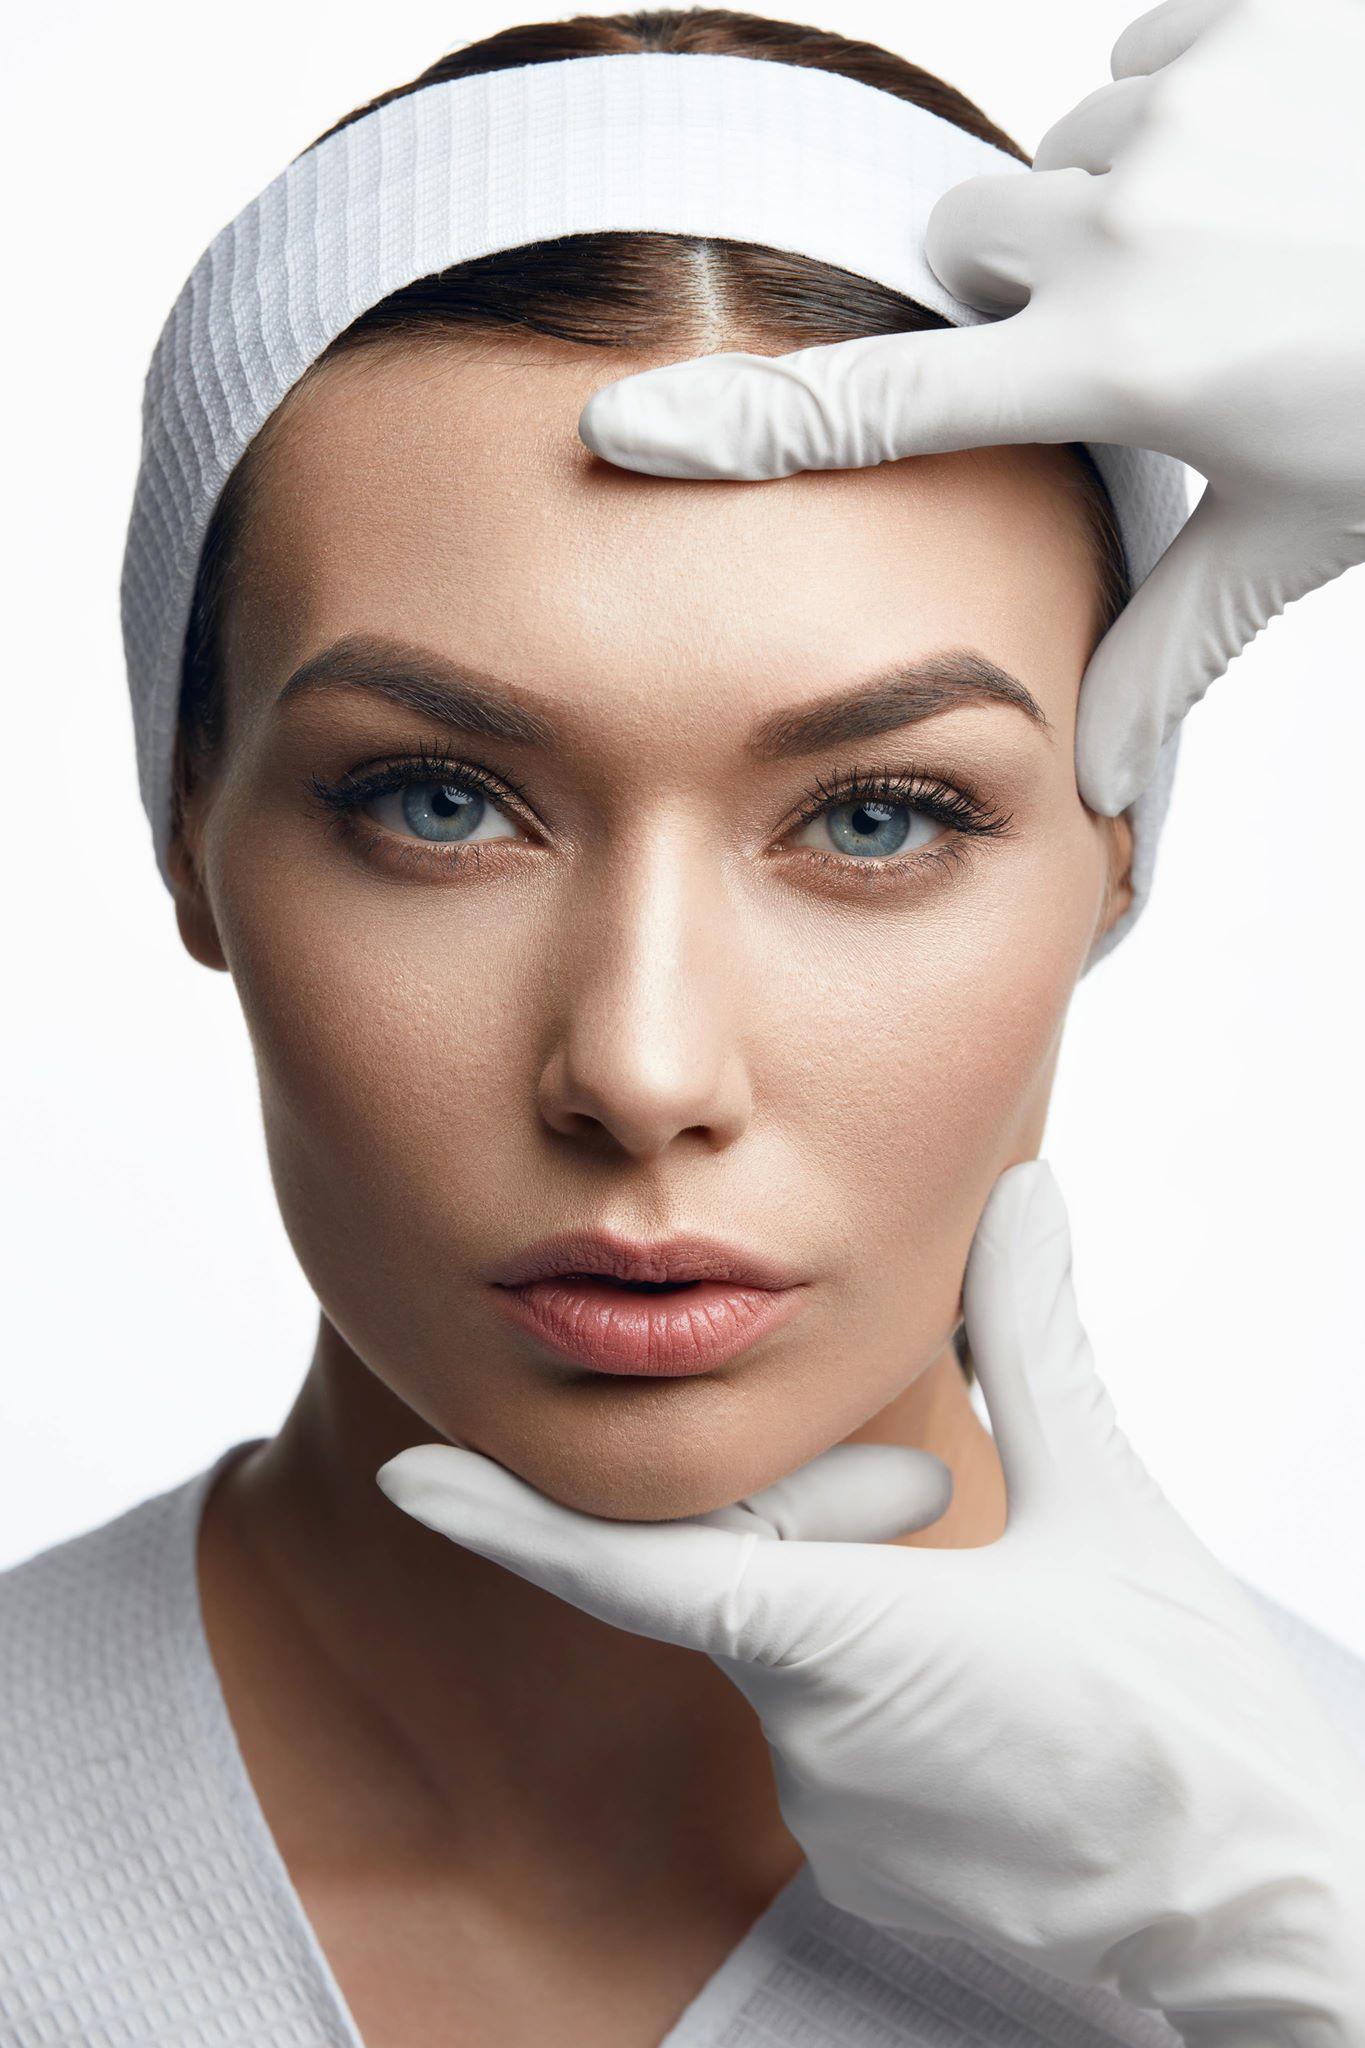 Rehaussez vos sourcils! - • Corriger des sourcils asymétriques ou irréguliers.• Avoir des sourcils plus denses et plus structurés qui sauront mettre votre visage en valeur.• Épaissir des sourcils trop fins (donner l'impression de sourcils fournis et naturels).• Idéal pour accentuer votre regard si vous avez des sourcils inexistants ou clairsemés.• Technique parfaite pour combler les trous, cicatrices ou perte de poils.